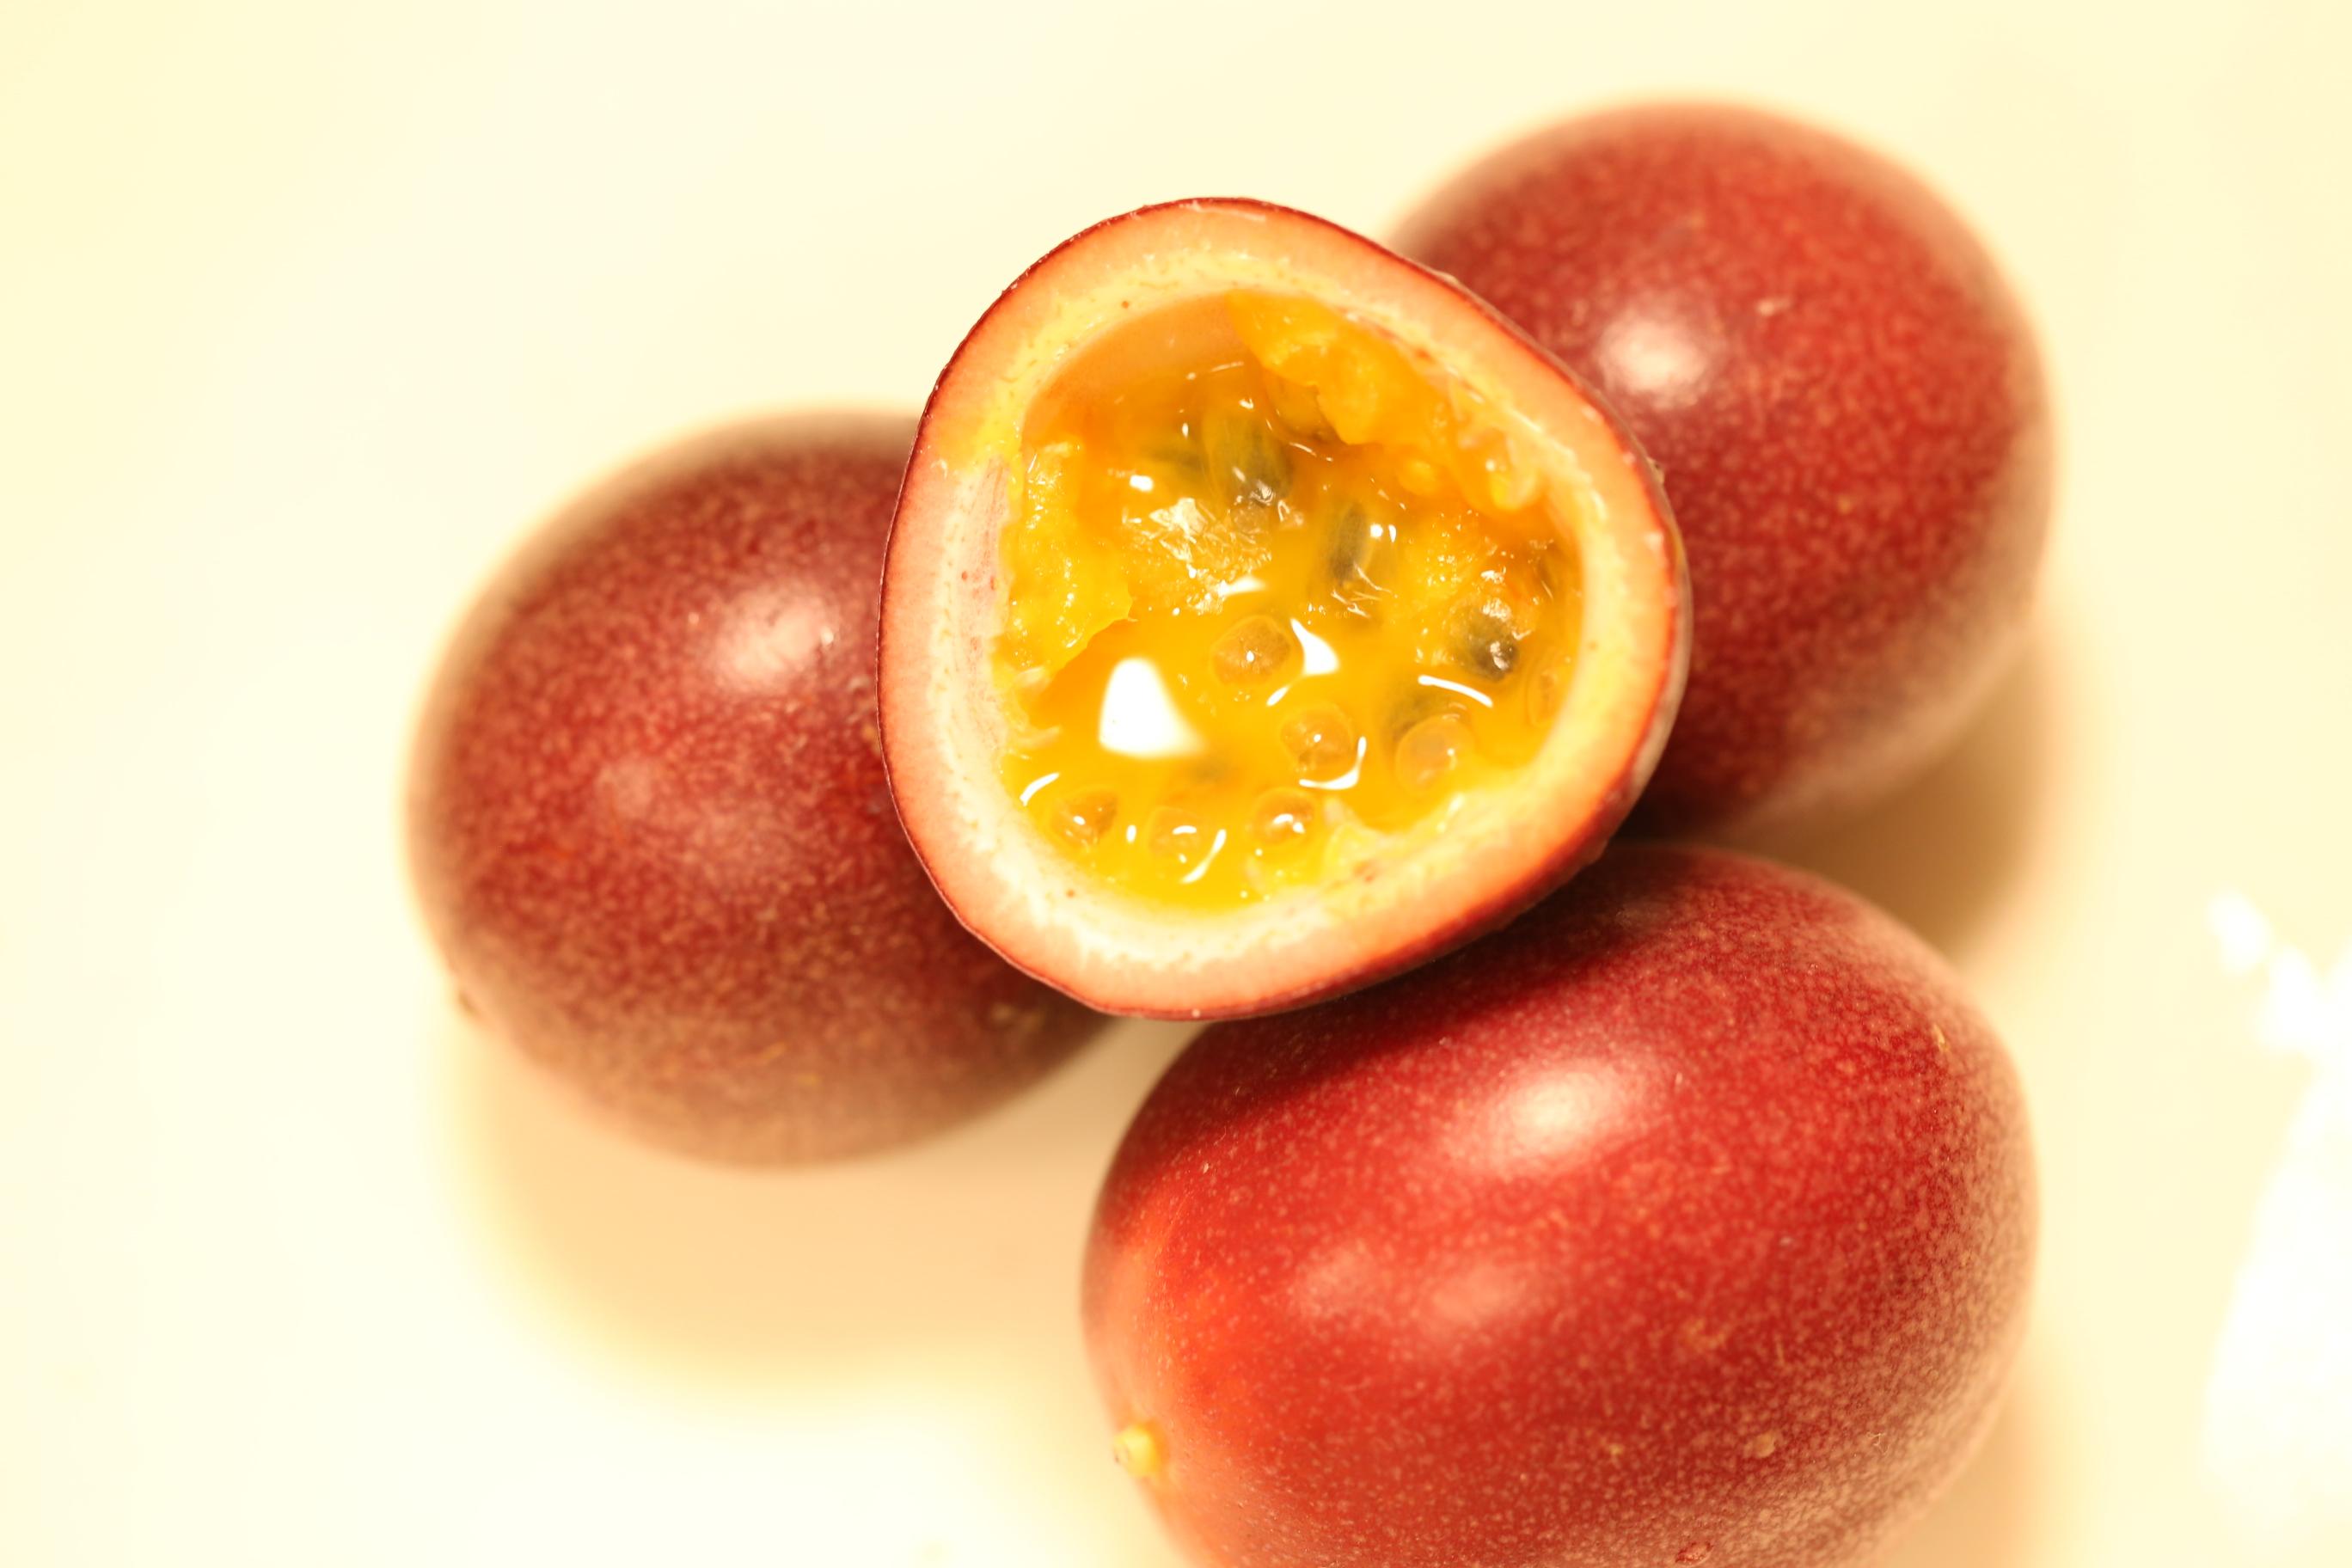 吉田園のパッションフルーツは酸味の中の甘みが強くて美味しい!拘りの栽培方法(育て方)を聞いてきました。